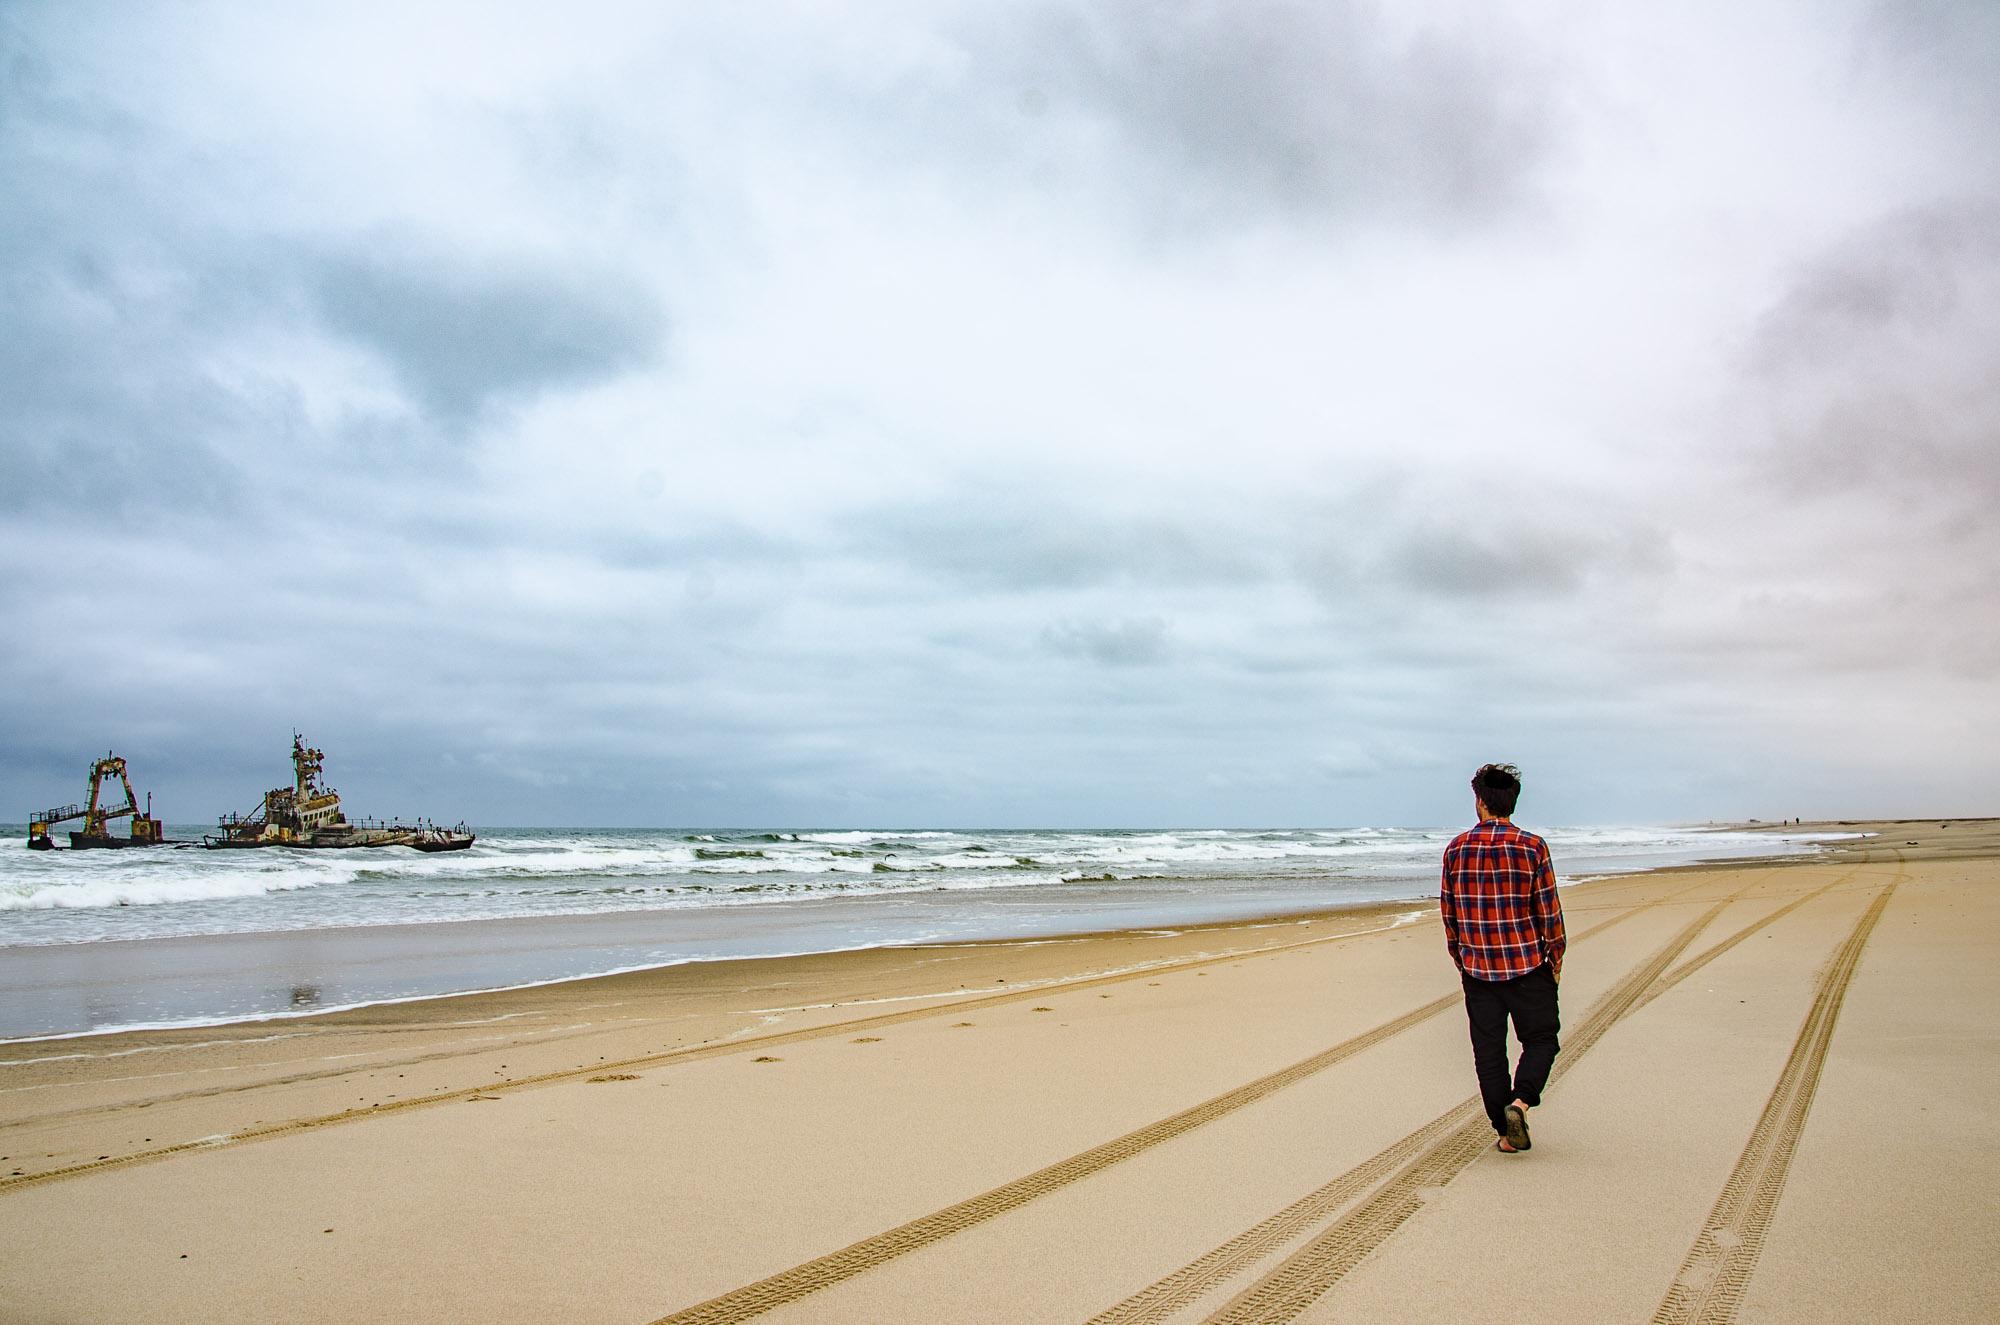 epave marche plage - swakopmund - le desert du namibie - afrique, namibie